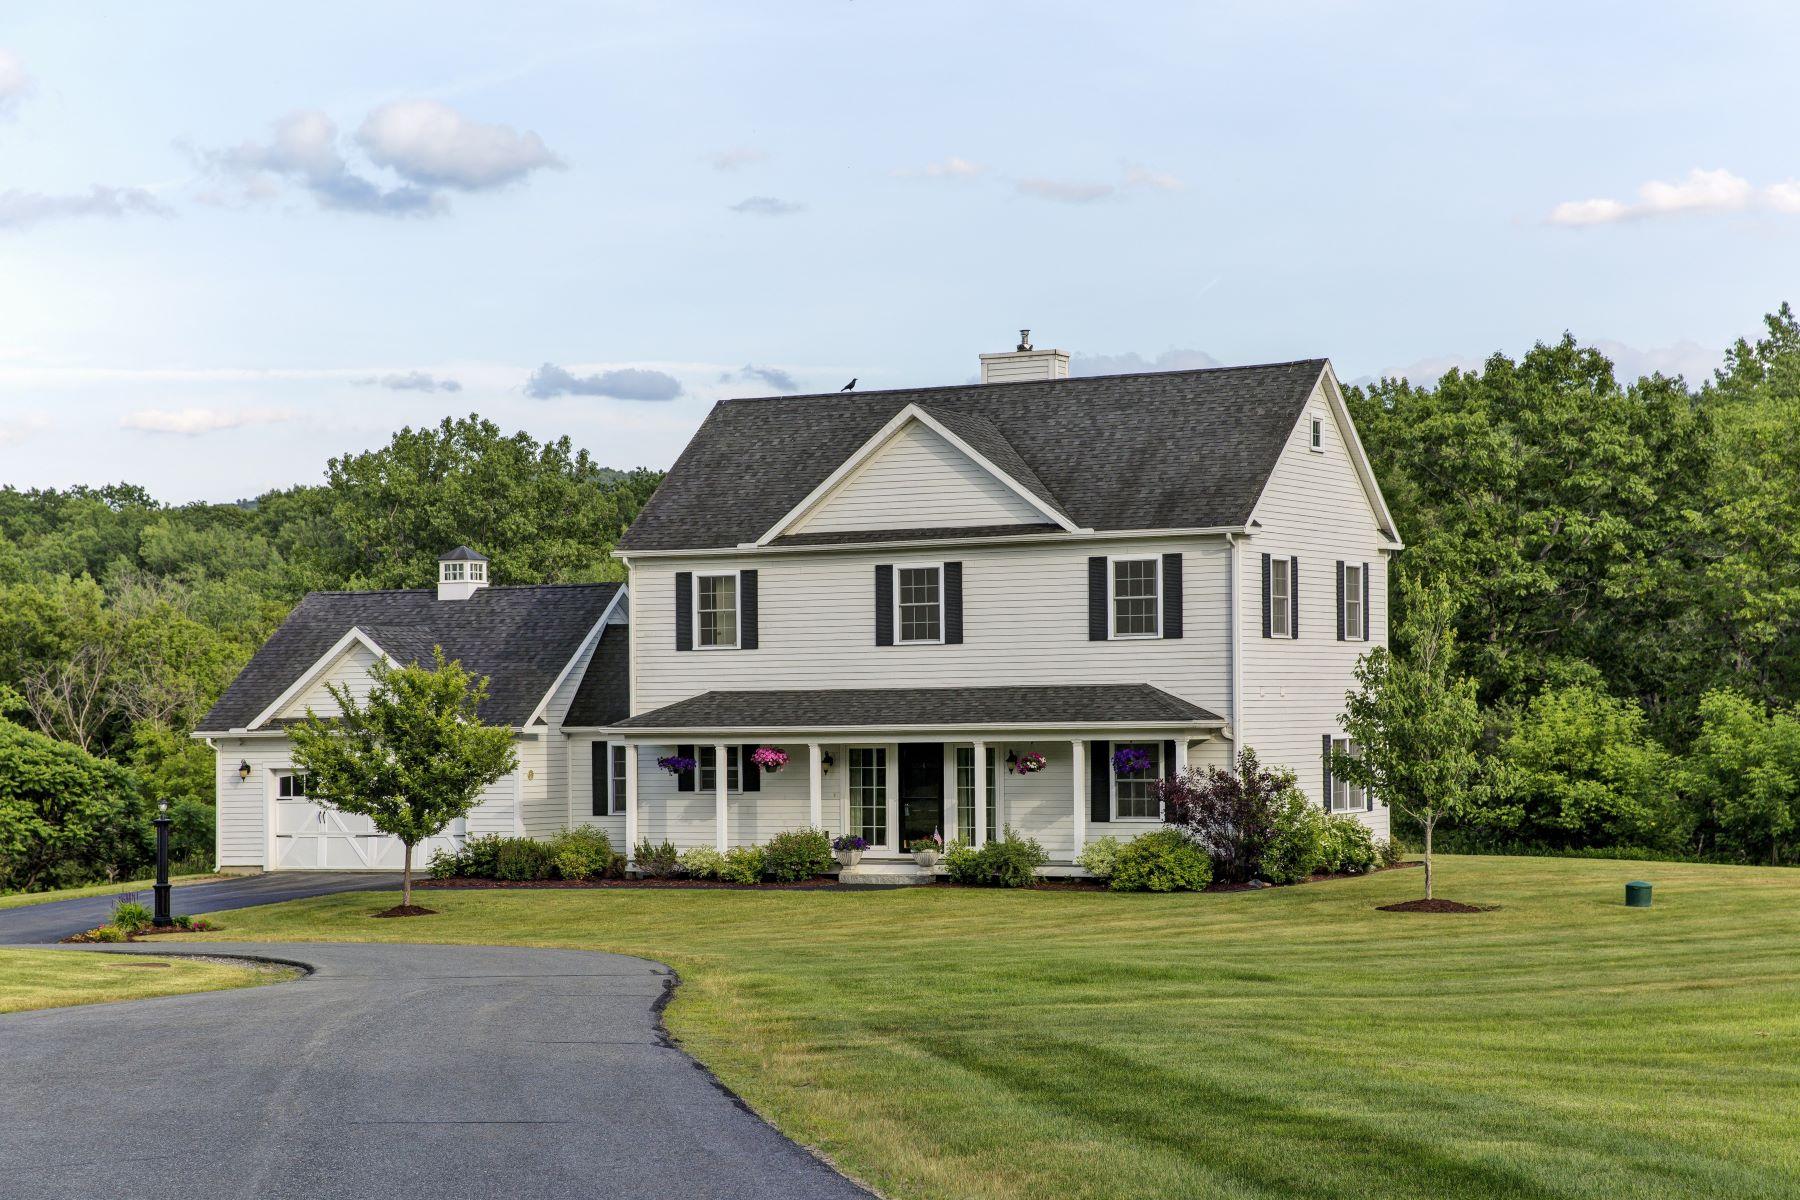 独户住宅 为 销售 在 Four Bedroom Colonial in Lebanon 4 Black Bear, 莱巴嫩, 新罕布什尔州, 03766 美国